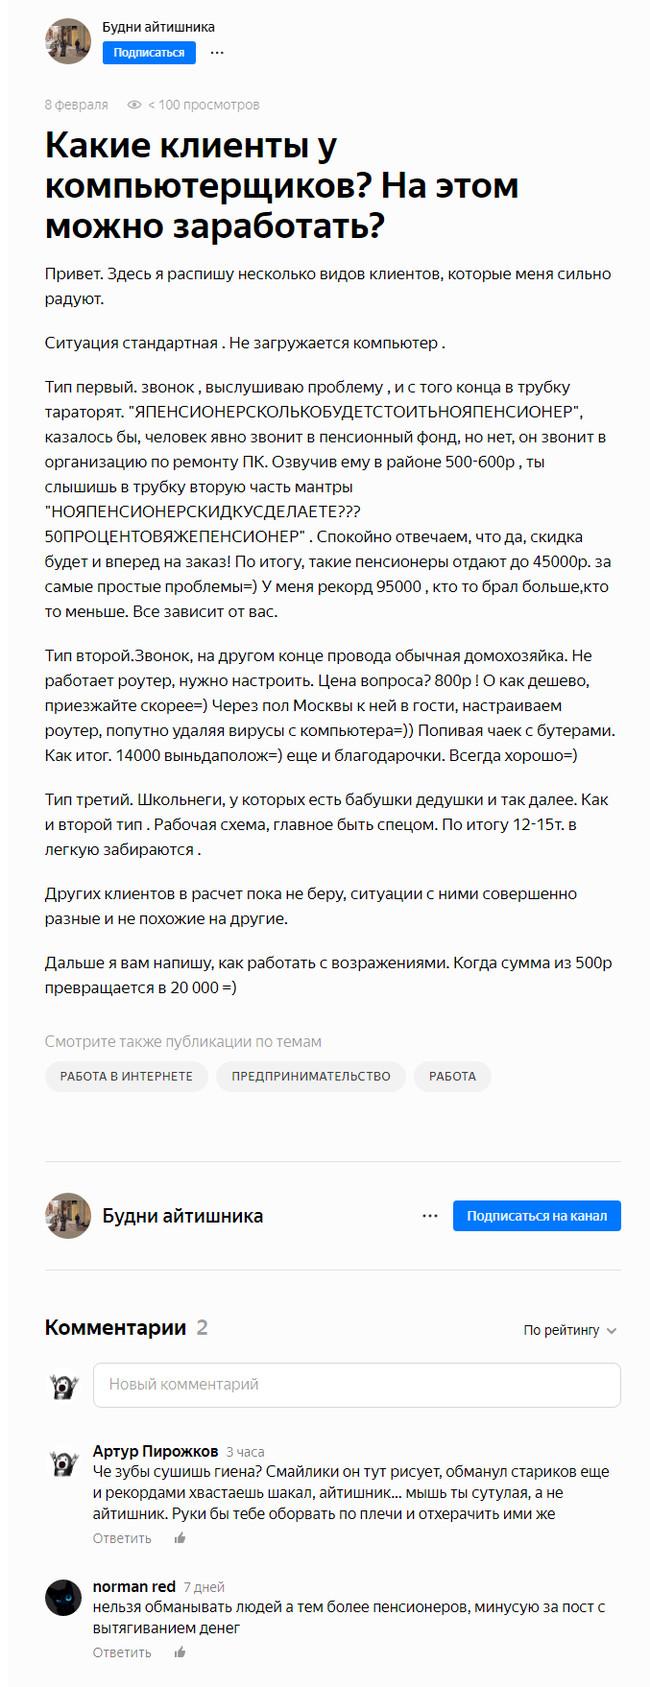 """Типичный выездной компьютерный """"мастер"""" Мошенники, Наглость, Яндекс Дзен, Компьютерный мастер, Длиннопост"""